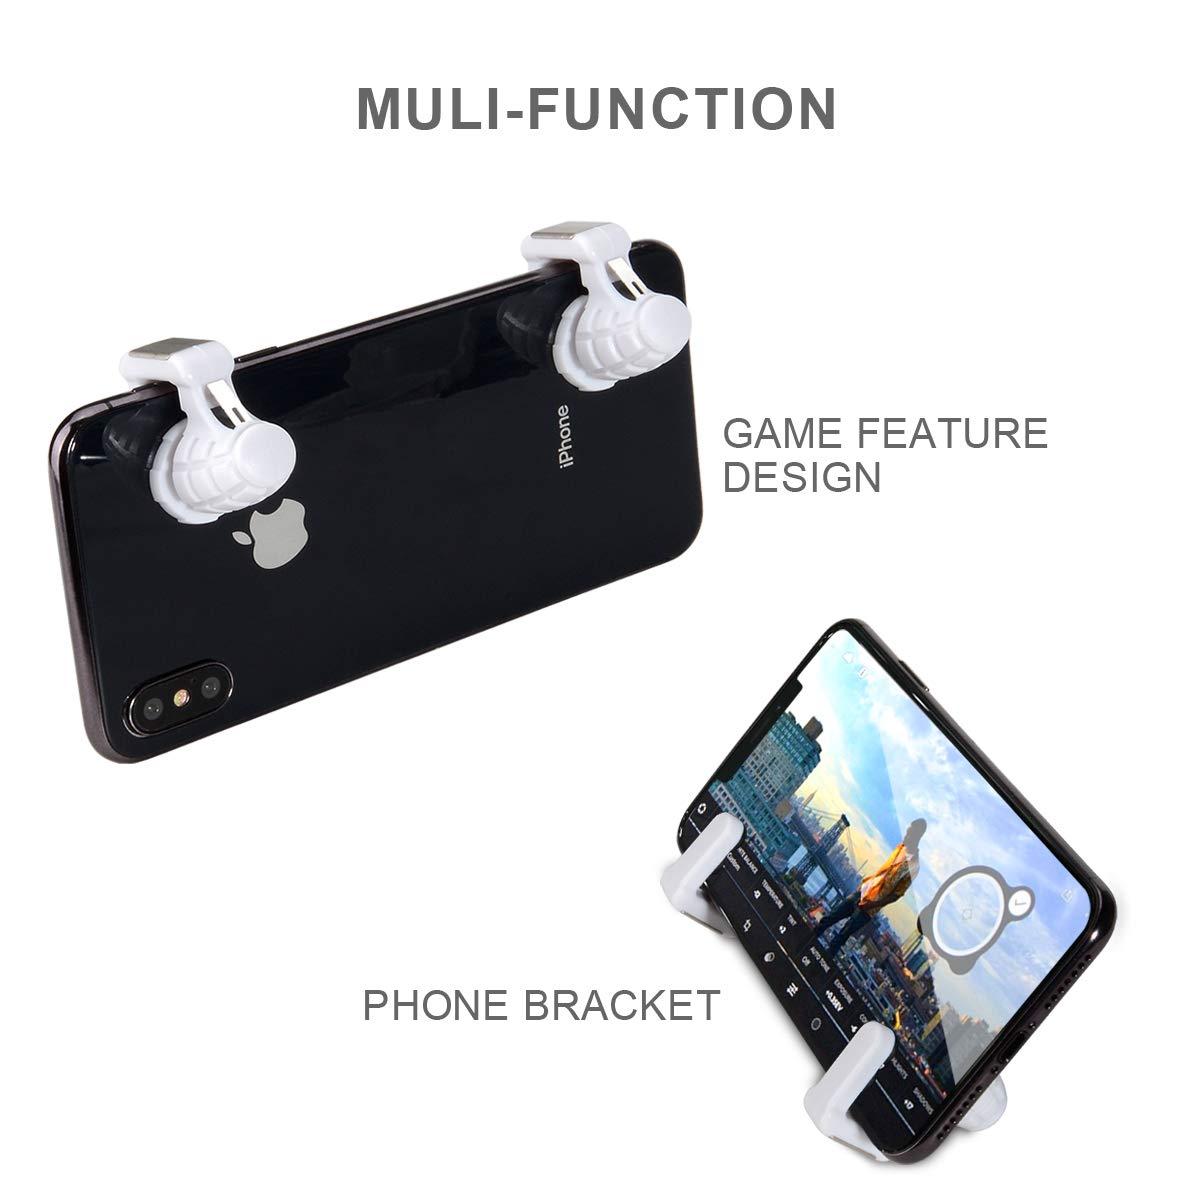 Amazon.com: COCASES PUBG - Controlador de juegos para móvil ...